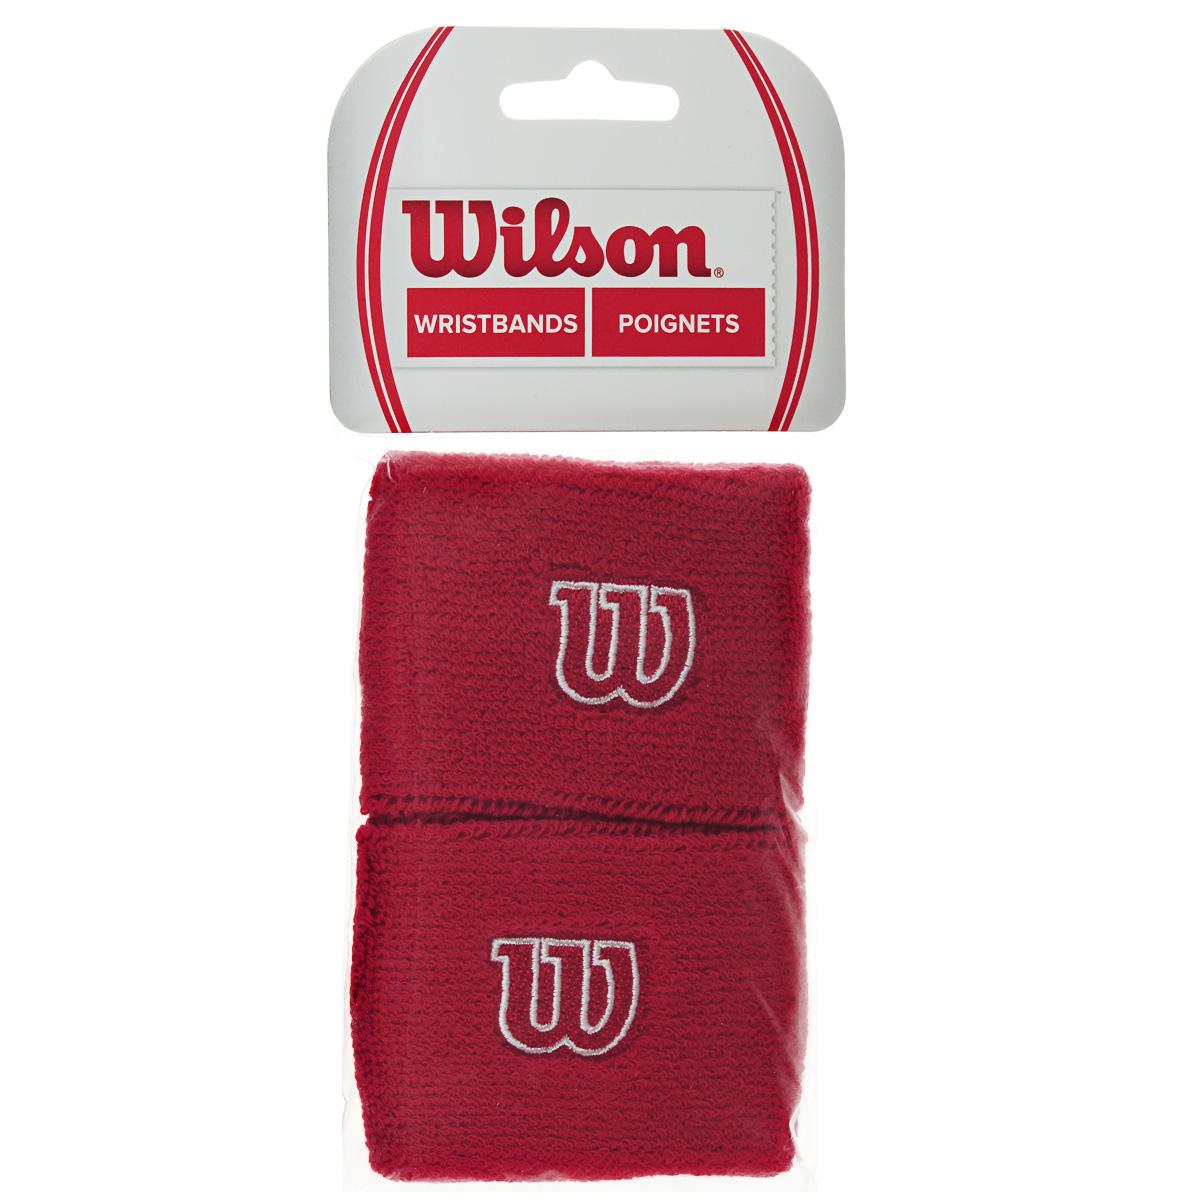 Напульсник Wilson Wristband, цвет: красный, 2 шт. Размер универсальныйWR5602900Широкие напульсники Wilson Wristband выполнены из футера и украшены вышивкой W. Полностью поглощают влагу, обеспечивая максимальный комфорт во время игры или тренировки.